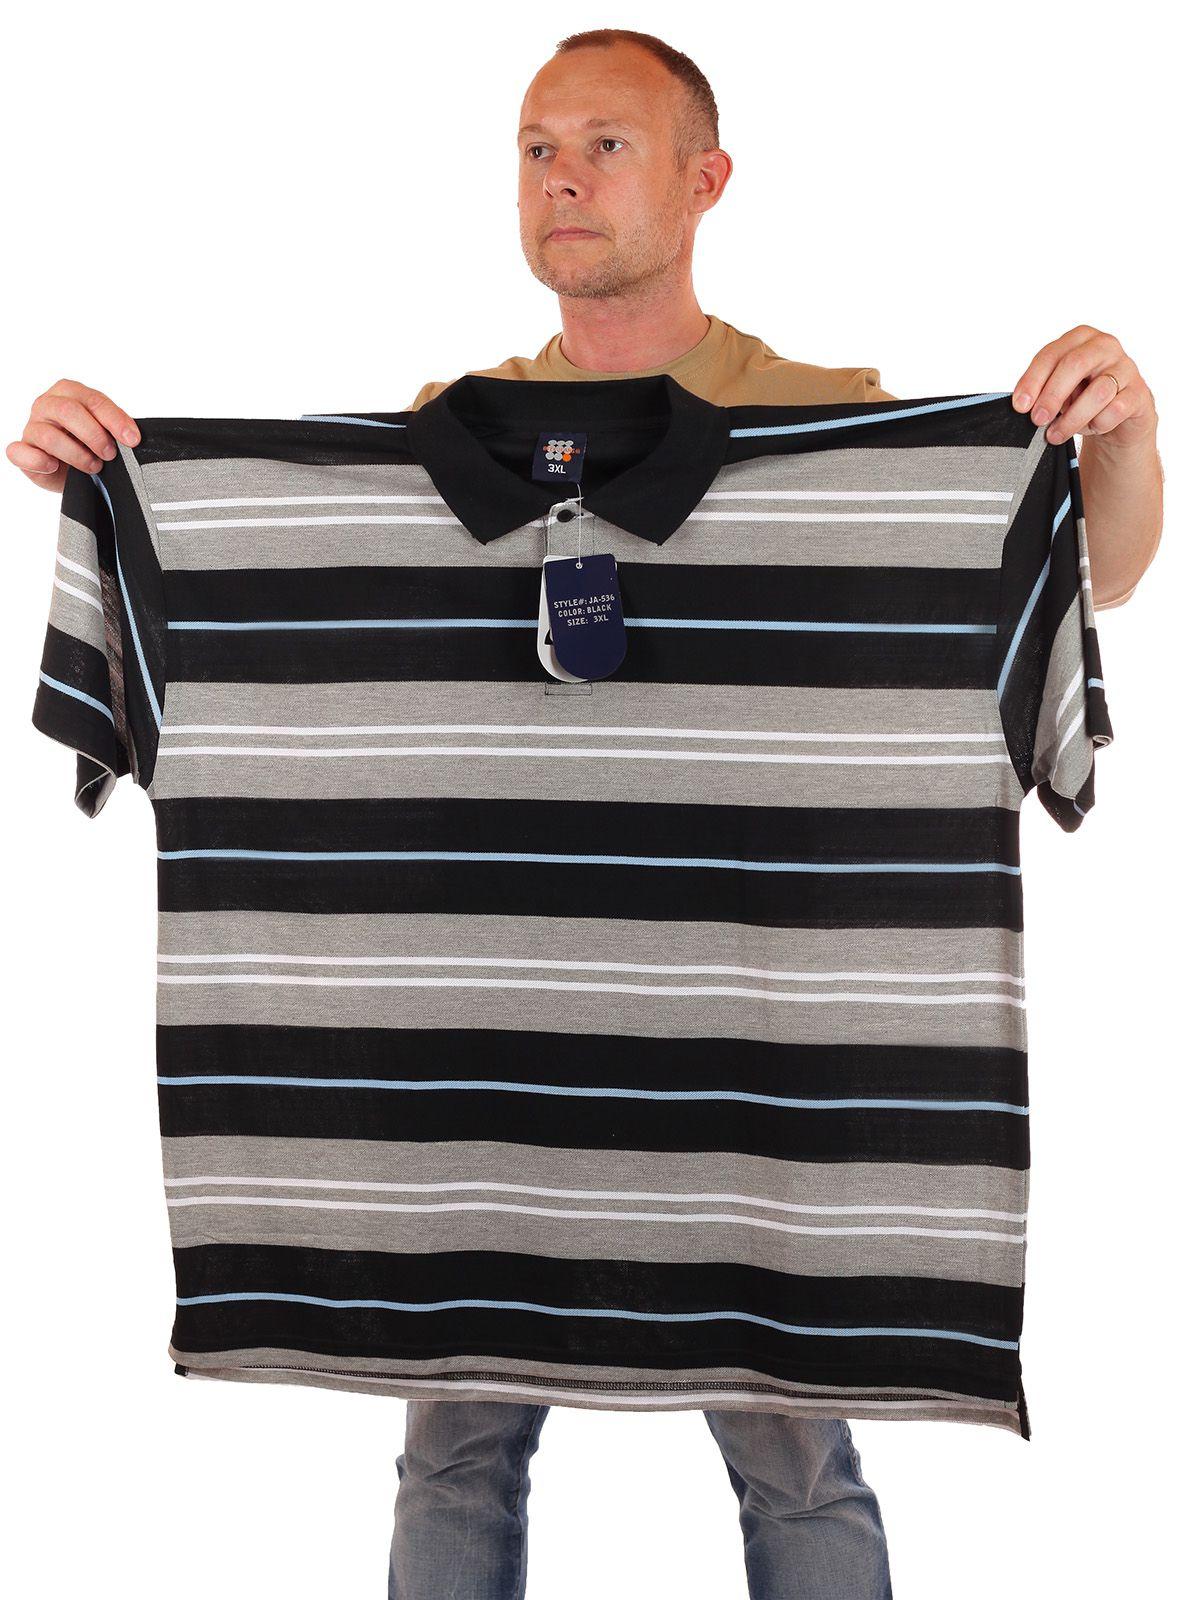 0aef2358307 Одежда PLUS size – обзор магазинов и интернет сайтов